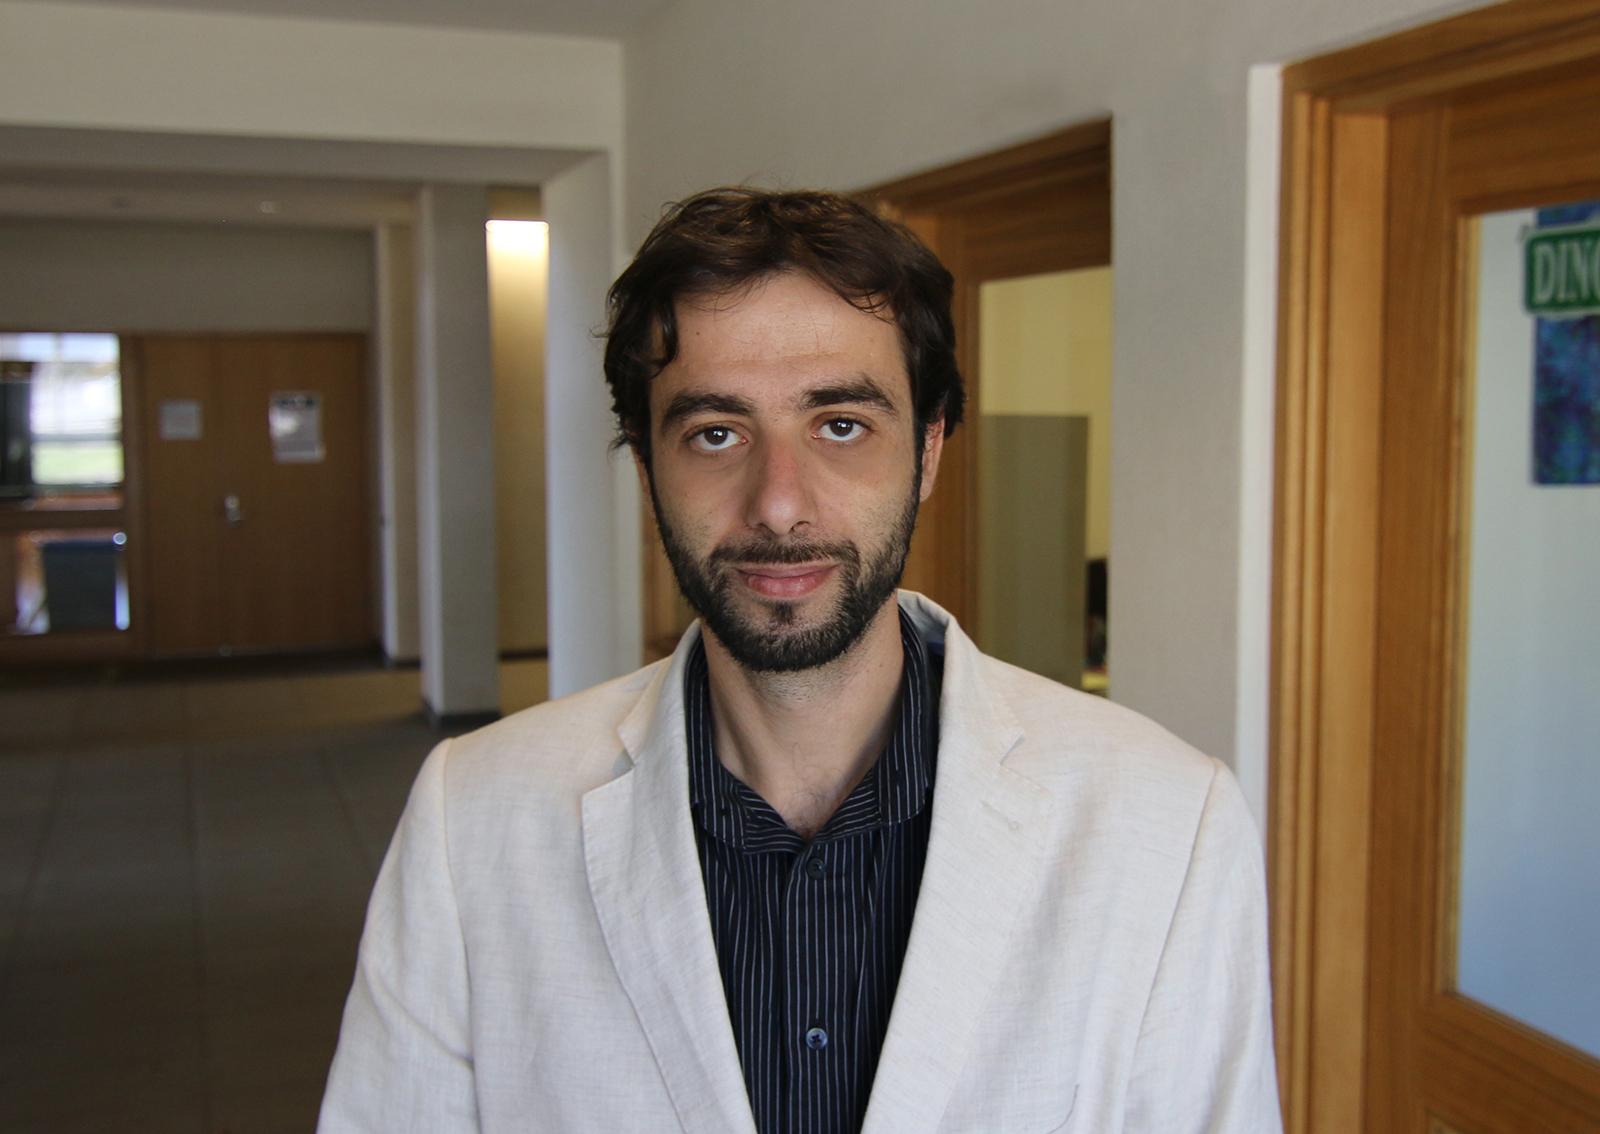 Headshot of Dr. Konstantinos Zougris